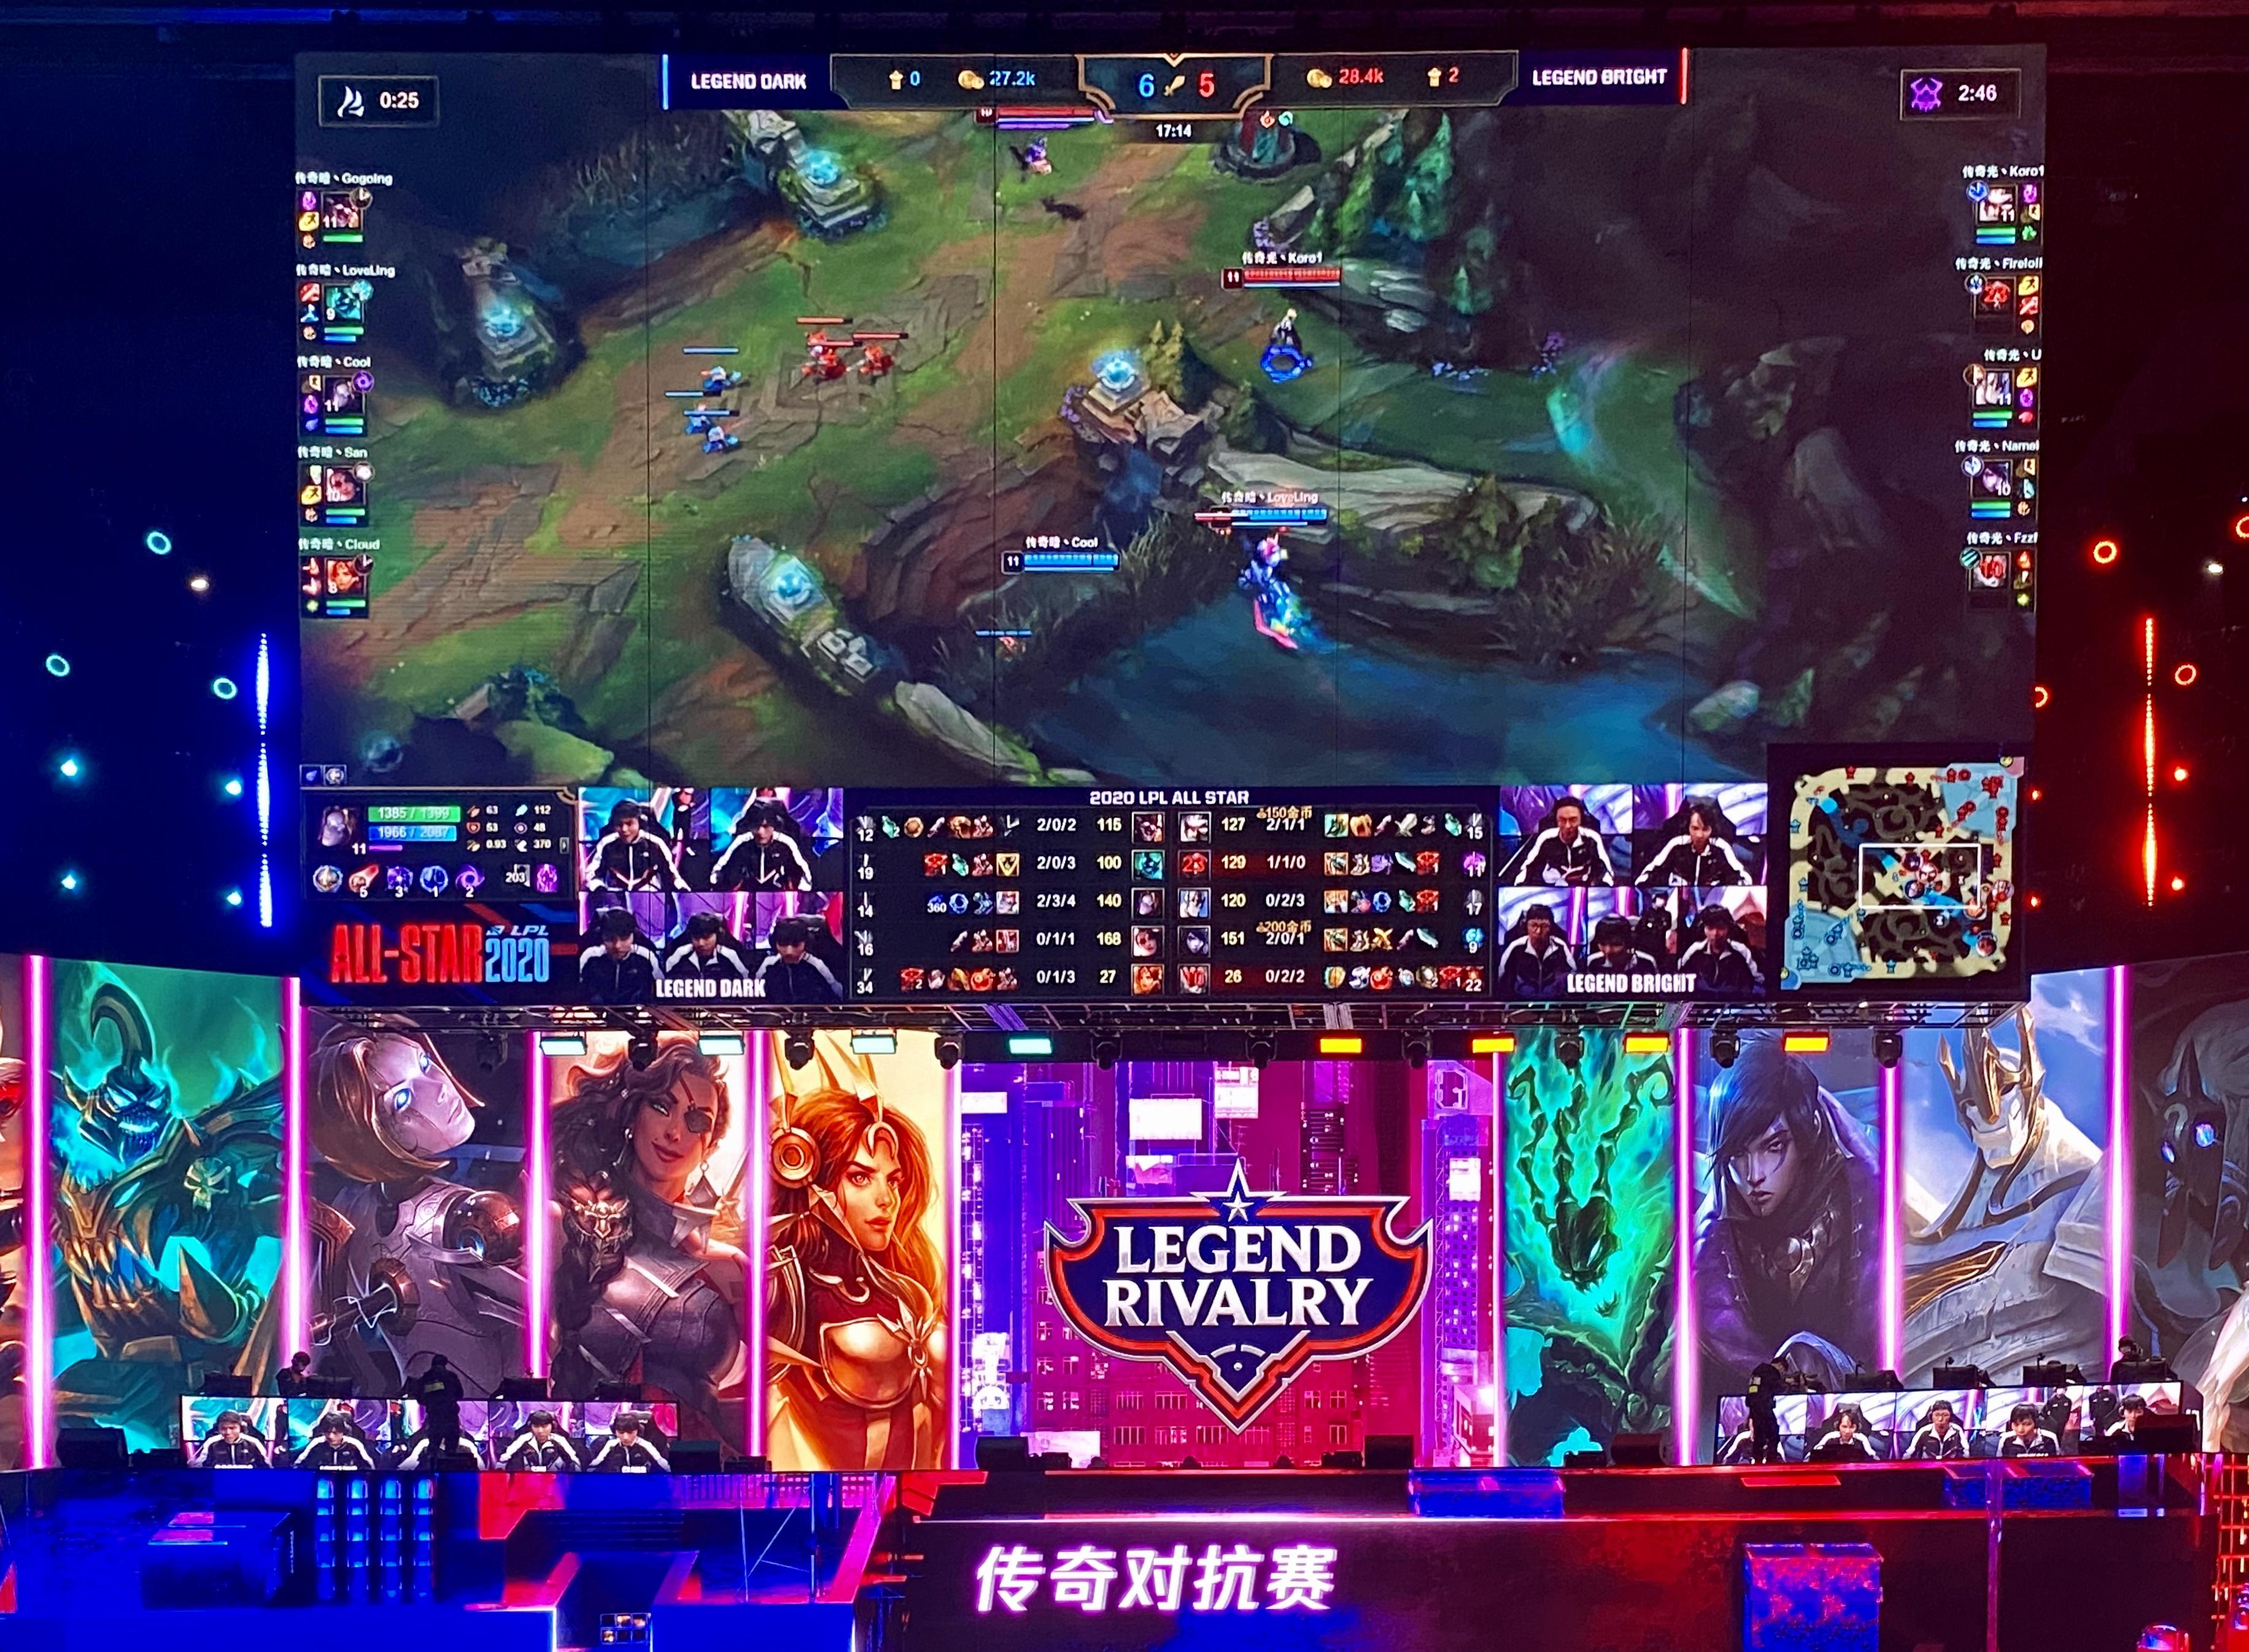 2020 LPL All-Star Weekend In Chengdu